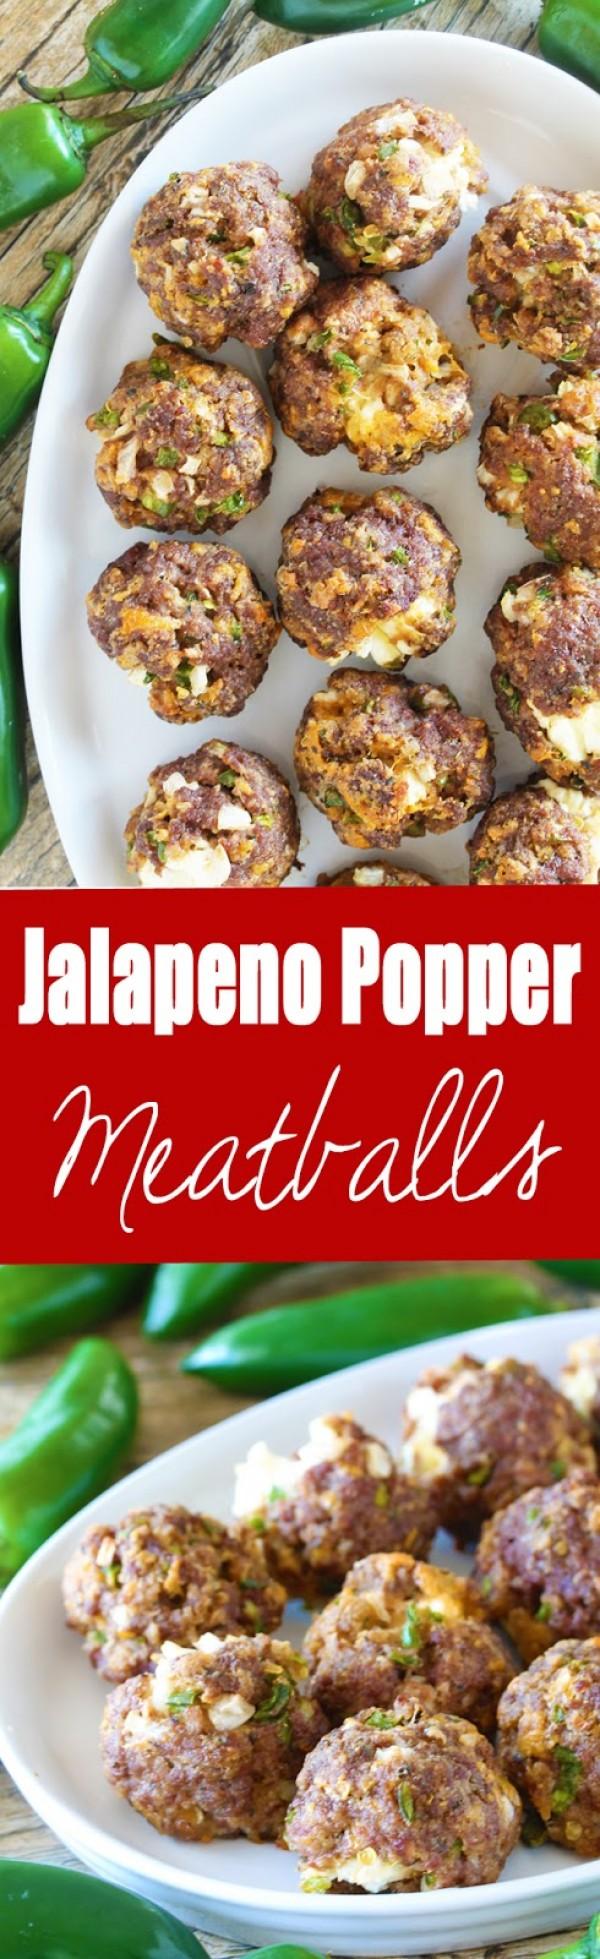 Get the recipe Jalapeno Popper Meatballs @recipes_to_go